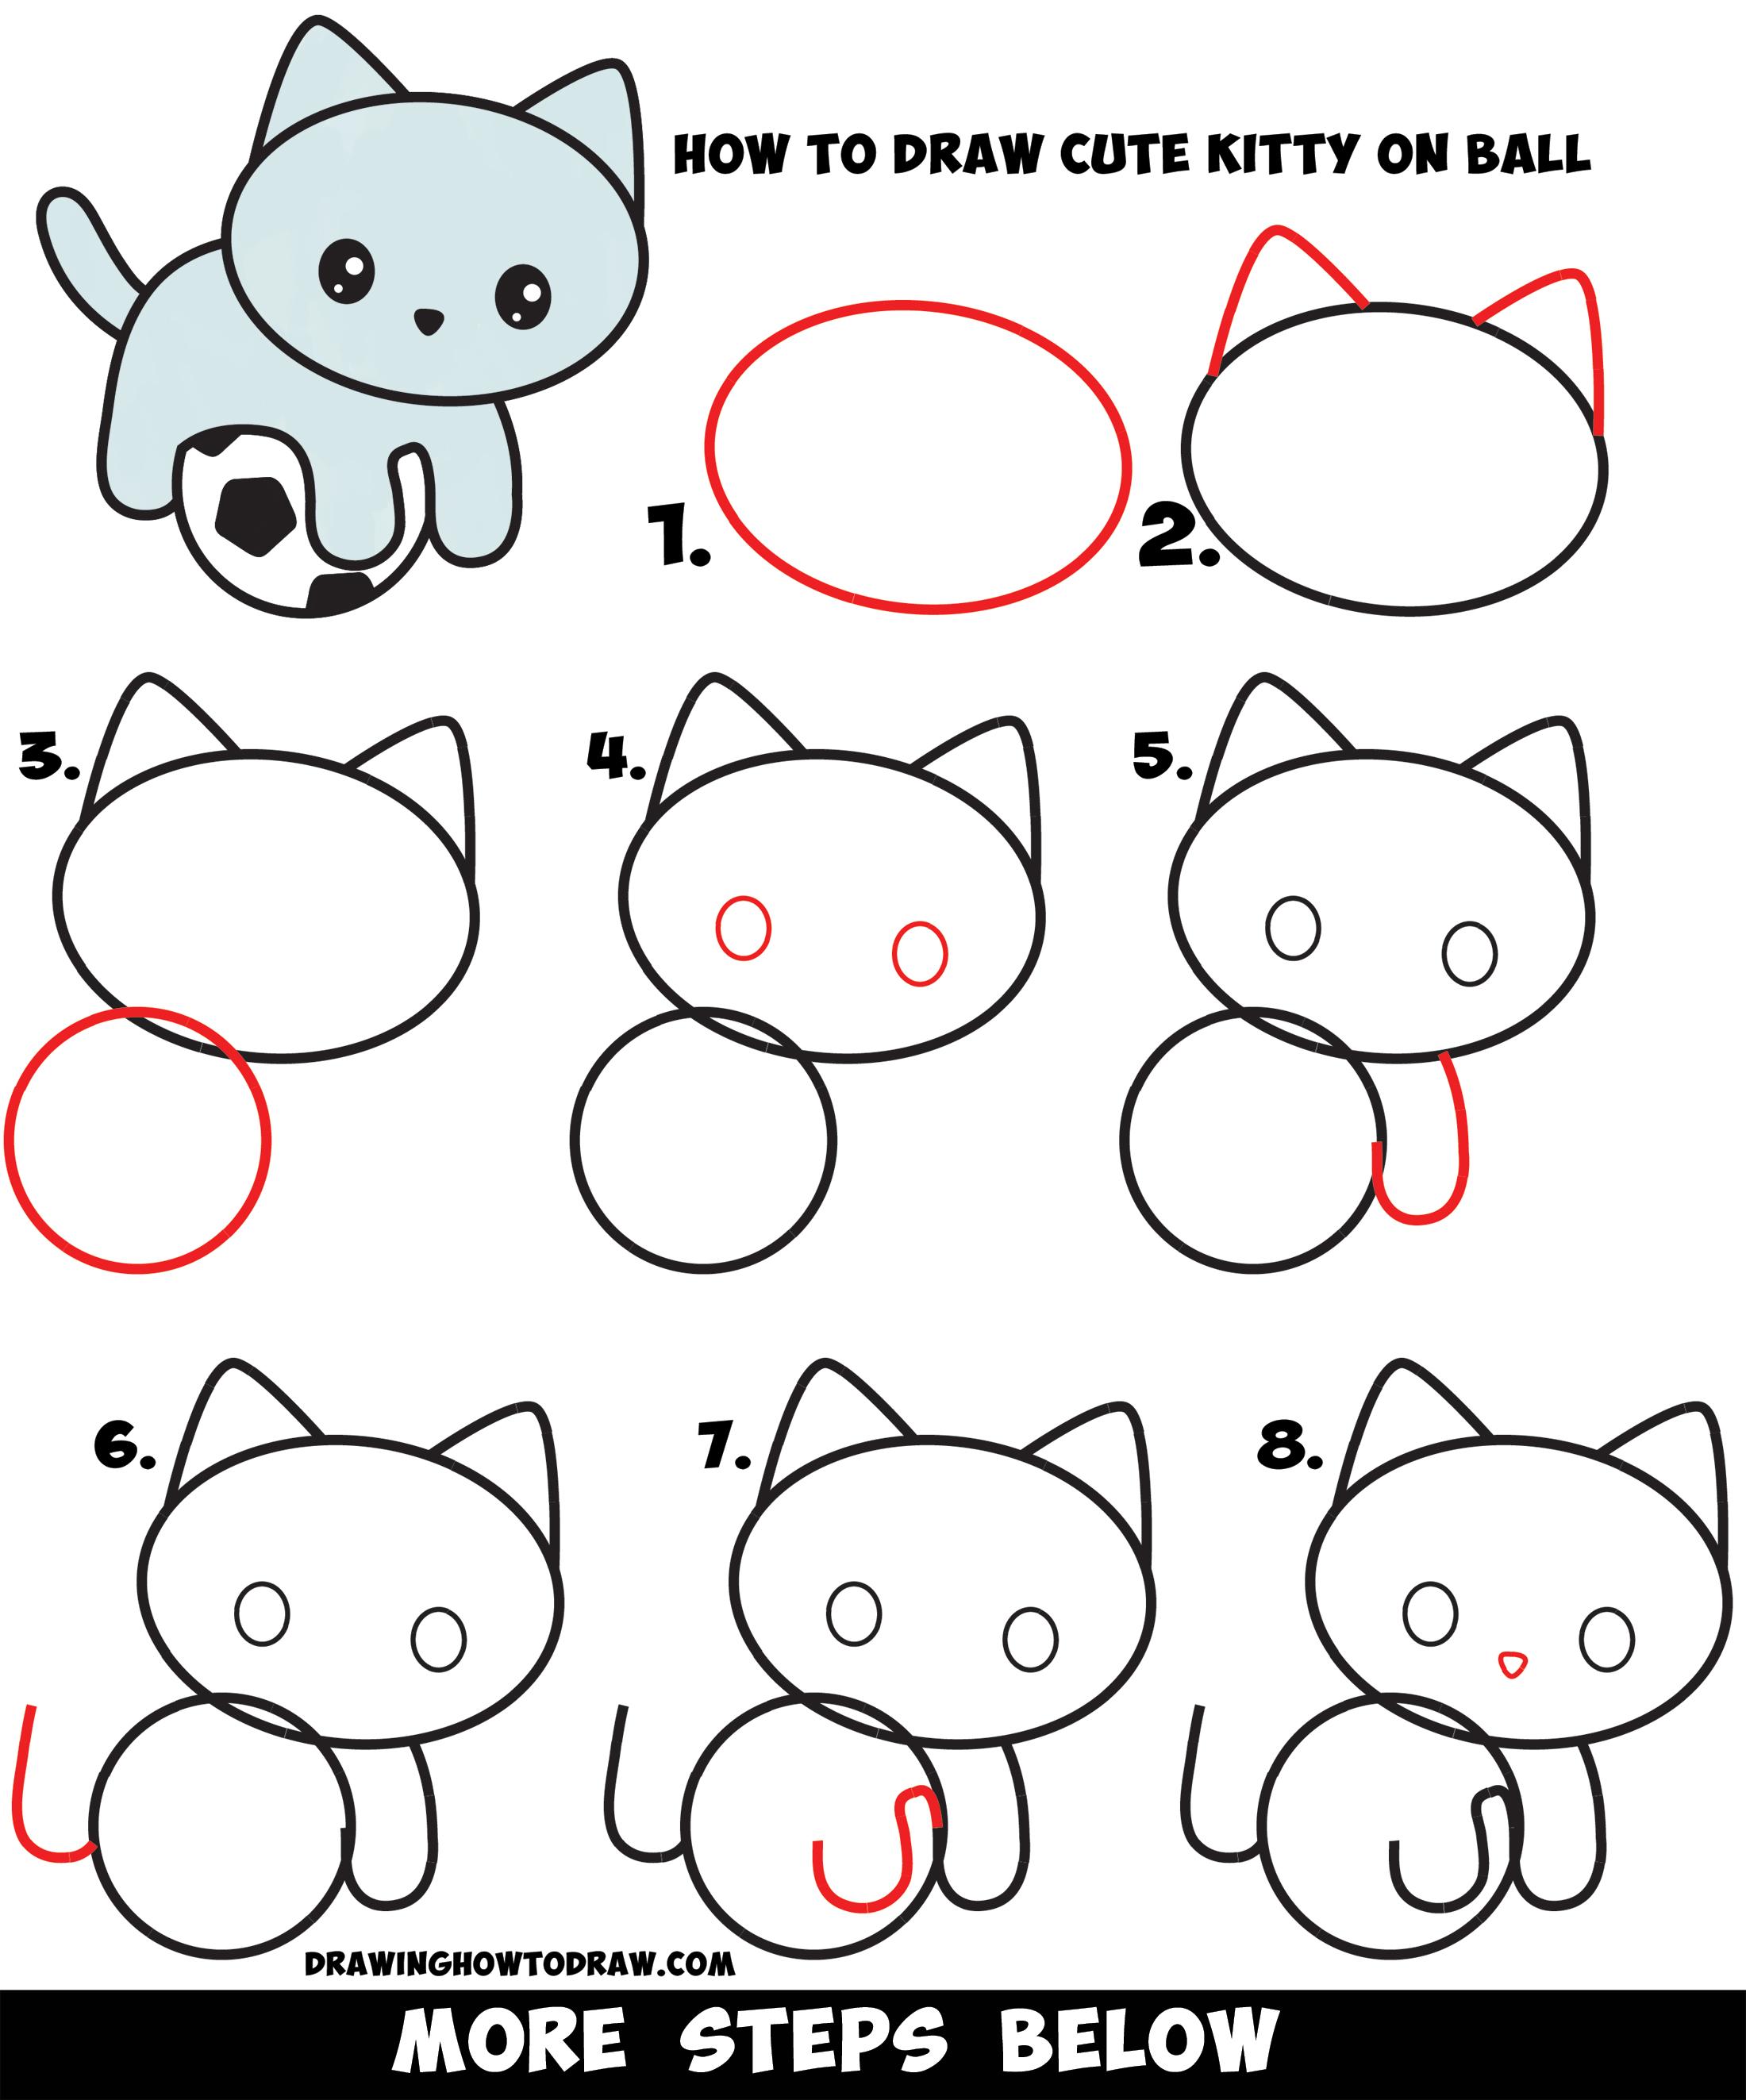 Easy Kitten Drawing : kitten, drawing, Kitten, Playing, Soccer, Drawing, Tutorial, Tutorials